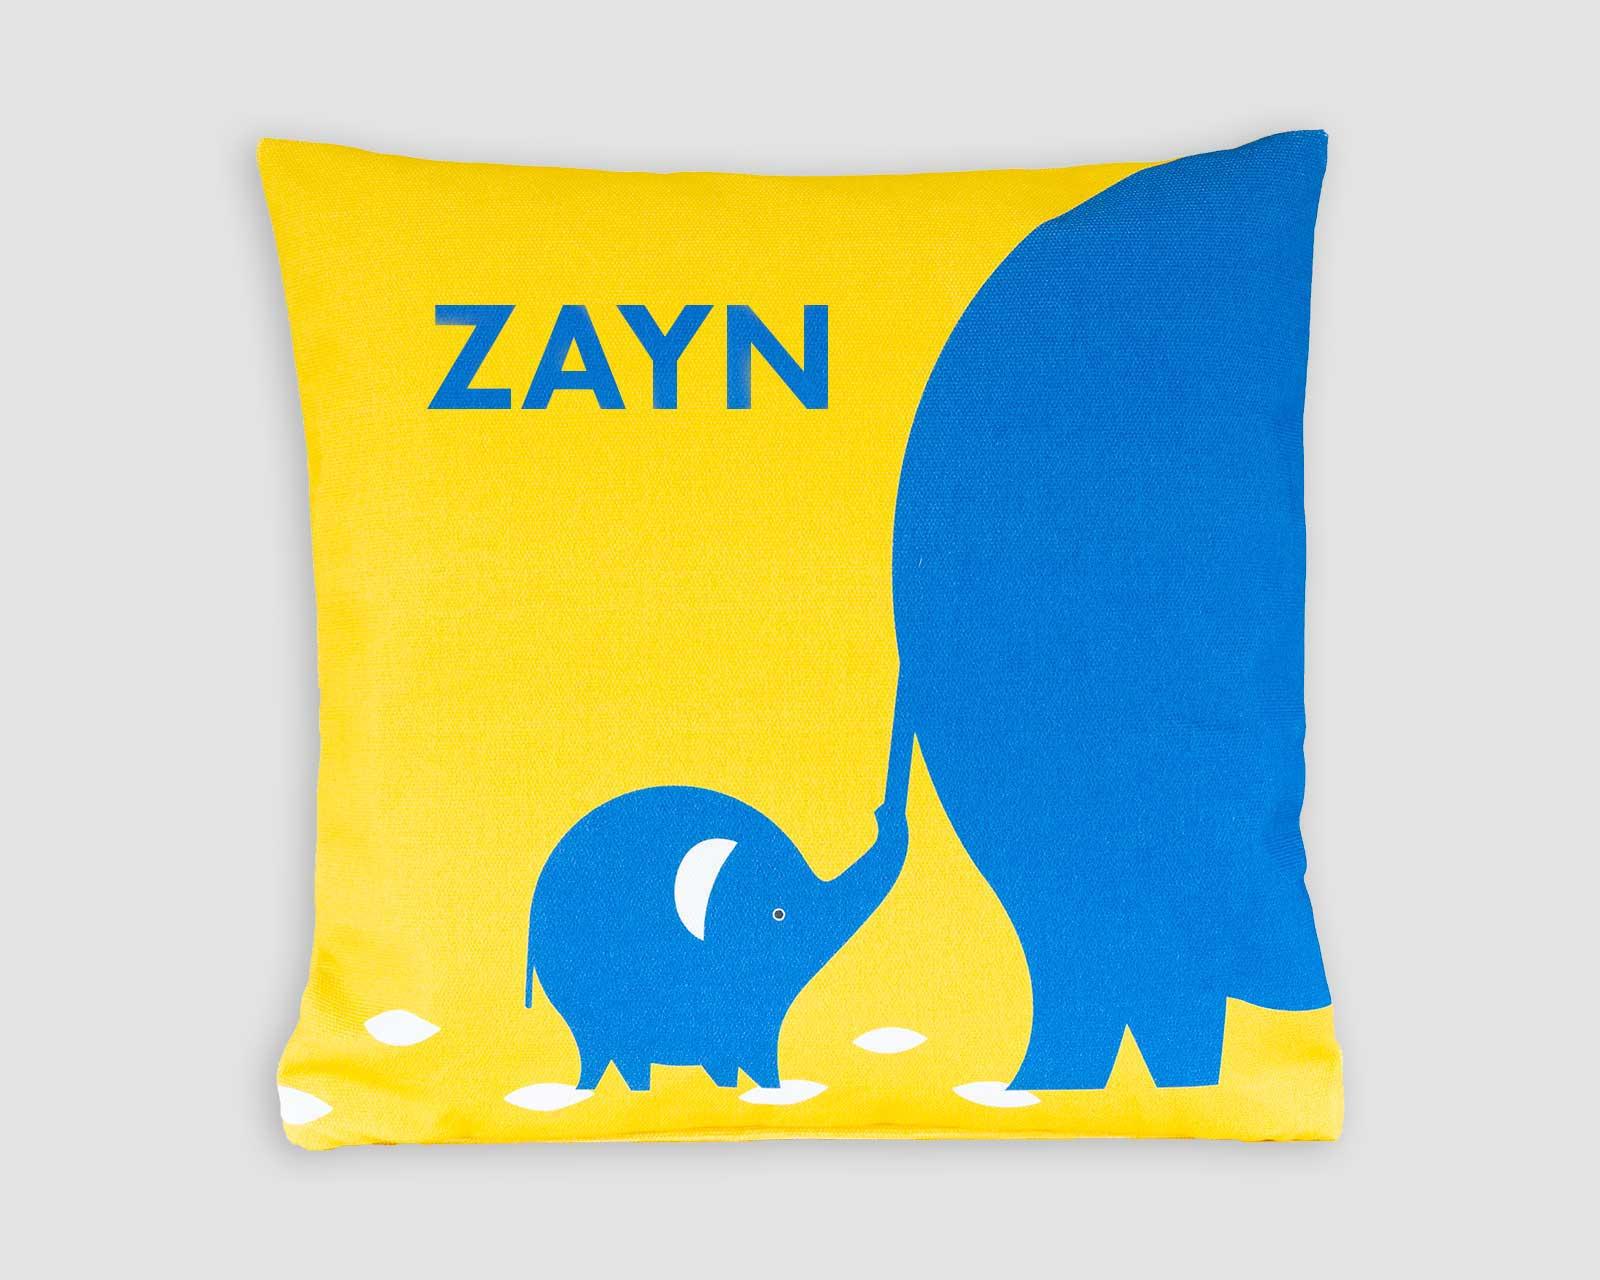 Kussenhoes Never let go gepersonaliseerd kraamcadeau met naam olifant blauw geel